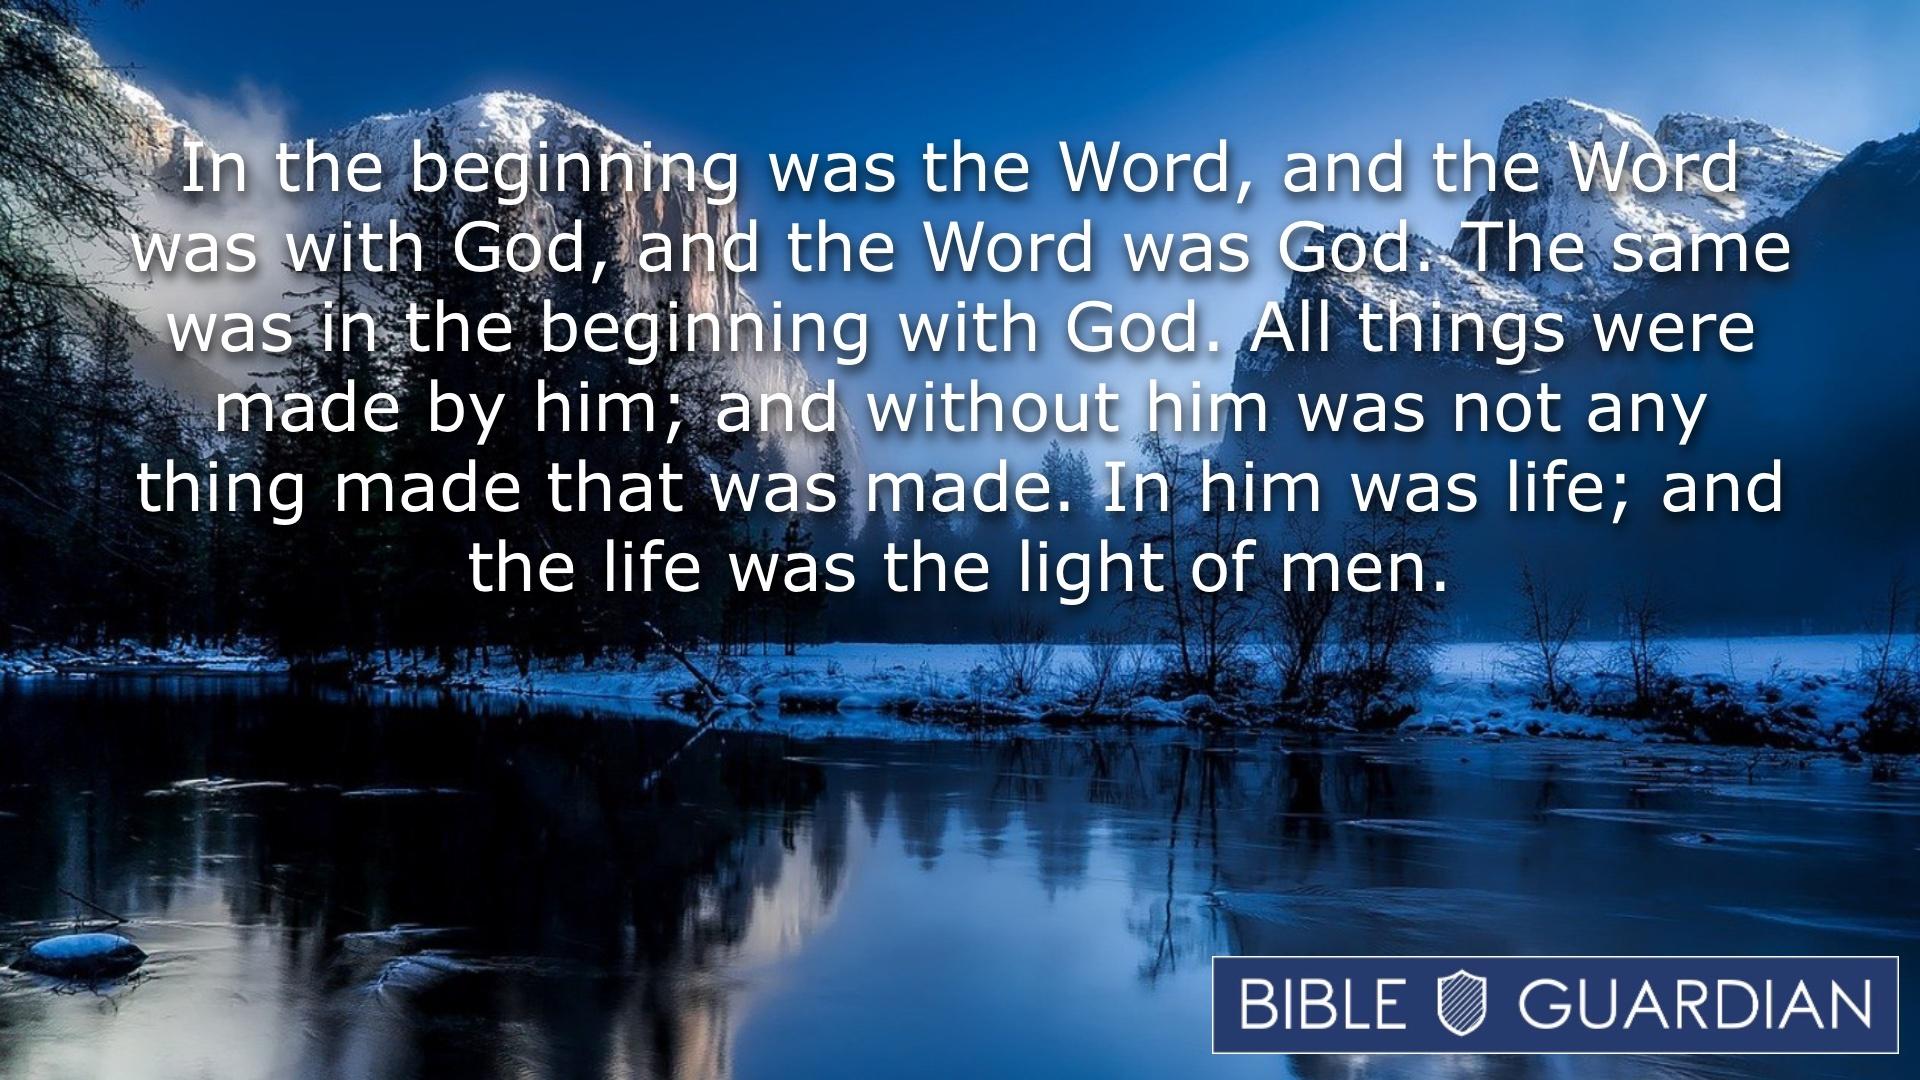 John 1:1-4